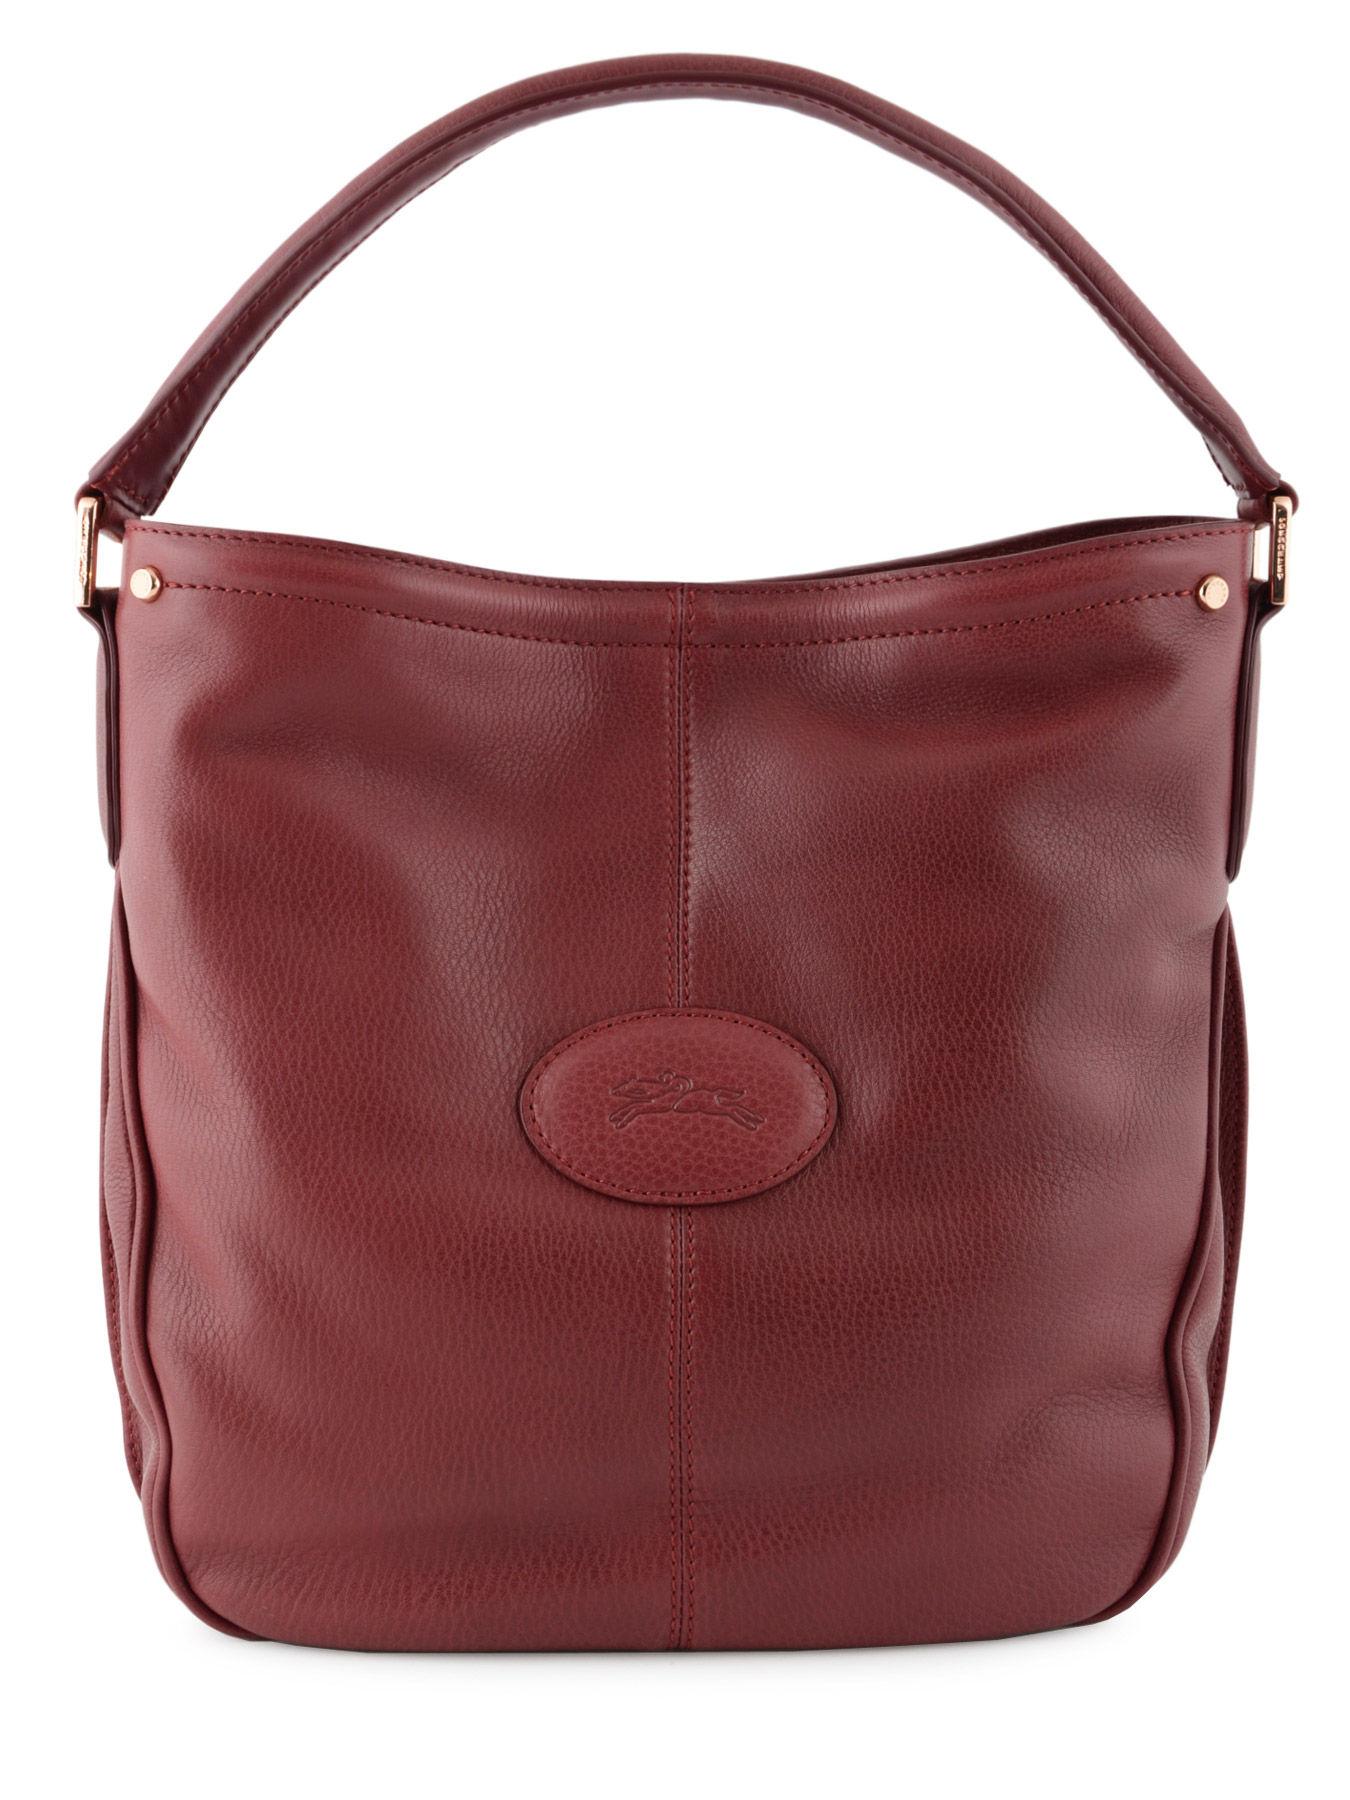 Travel Bags Ralph Lauren